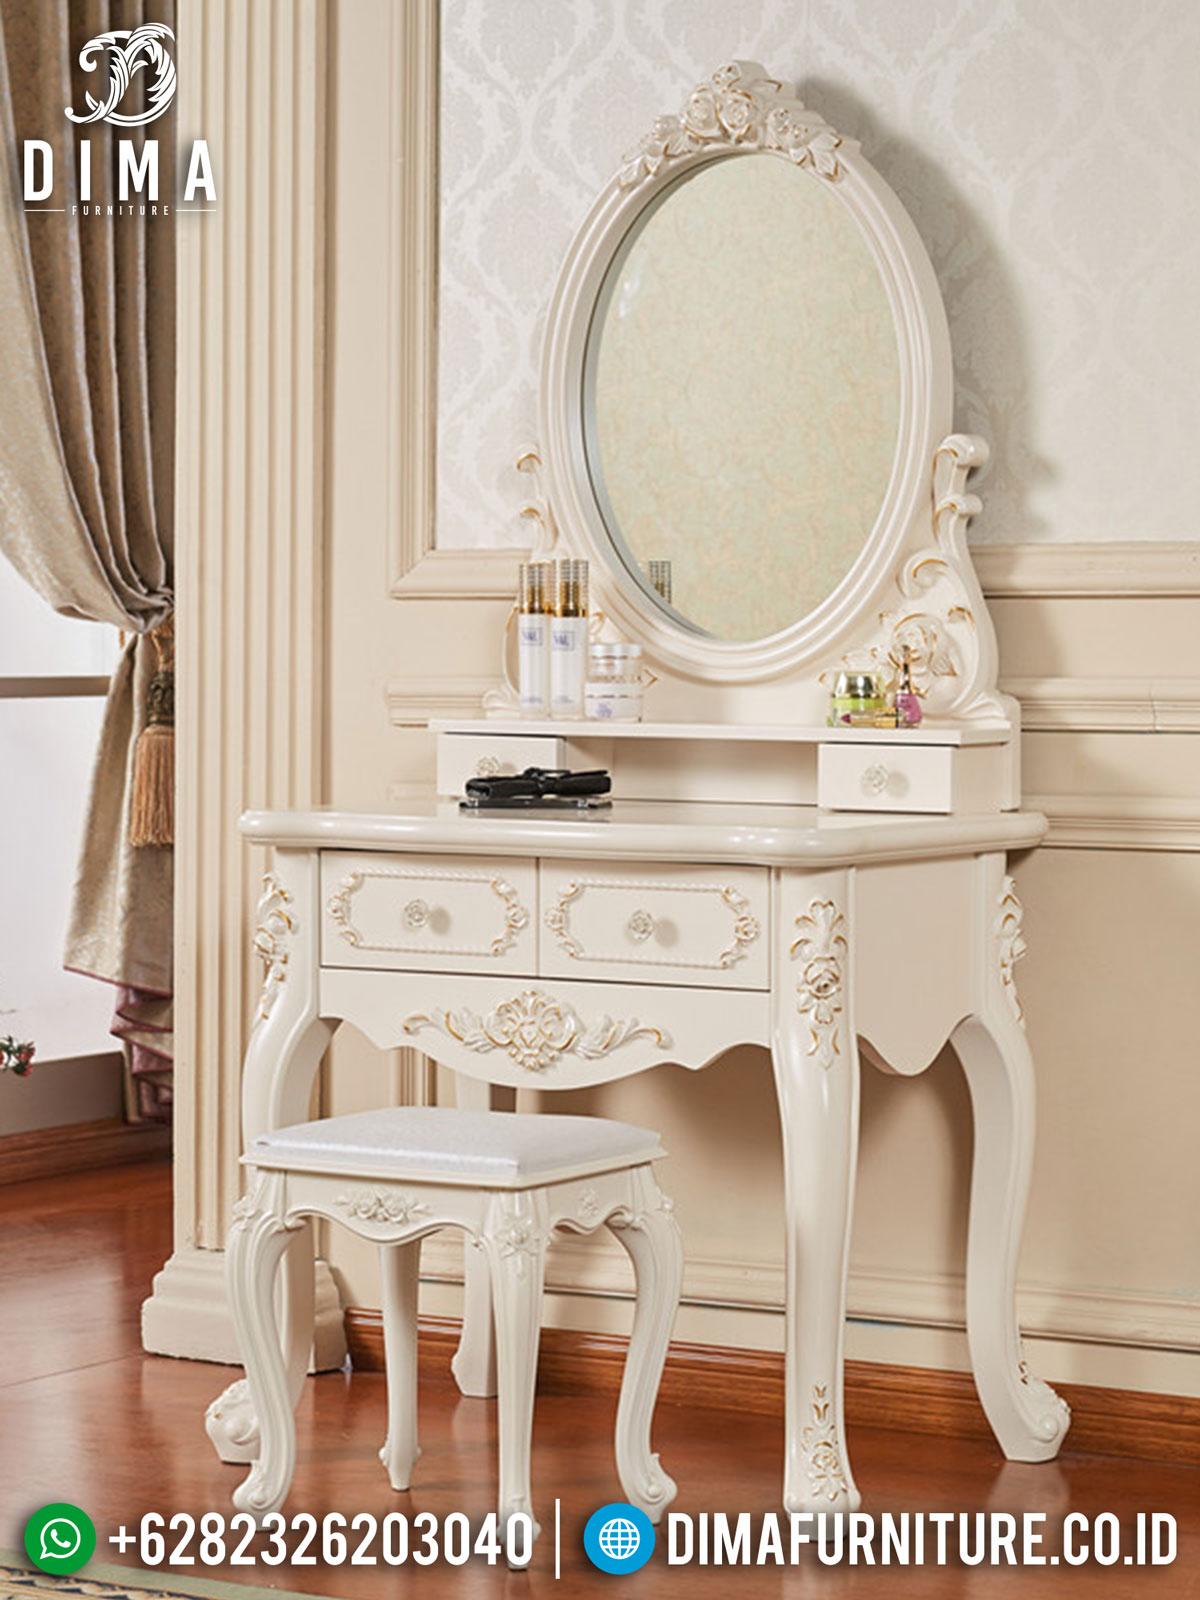 Harga Meja Rias Ukir Jepara Great Solid Wood Luxury Carving TTJ-1435